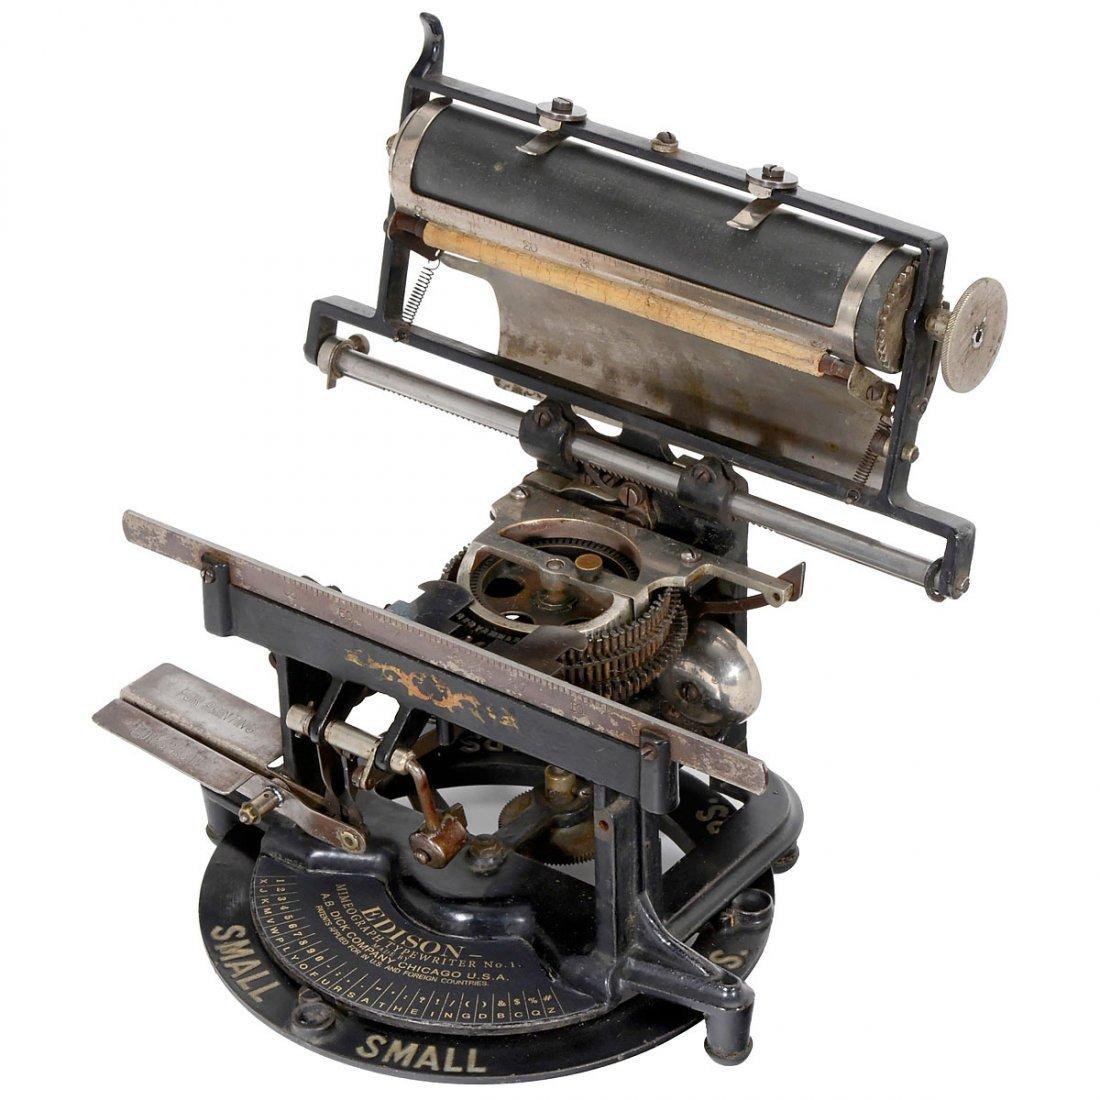 Edison Mimeograph Typewriter No. 1, 1894 - 3